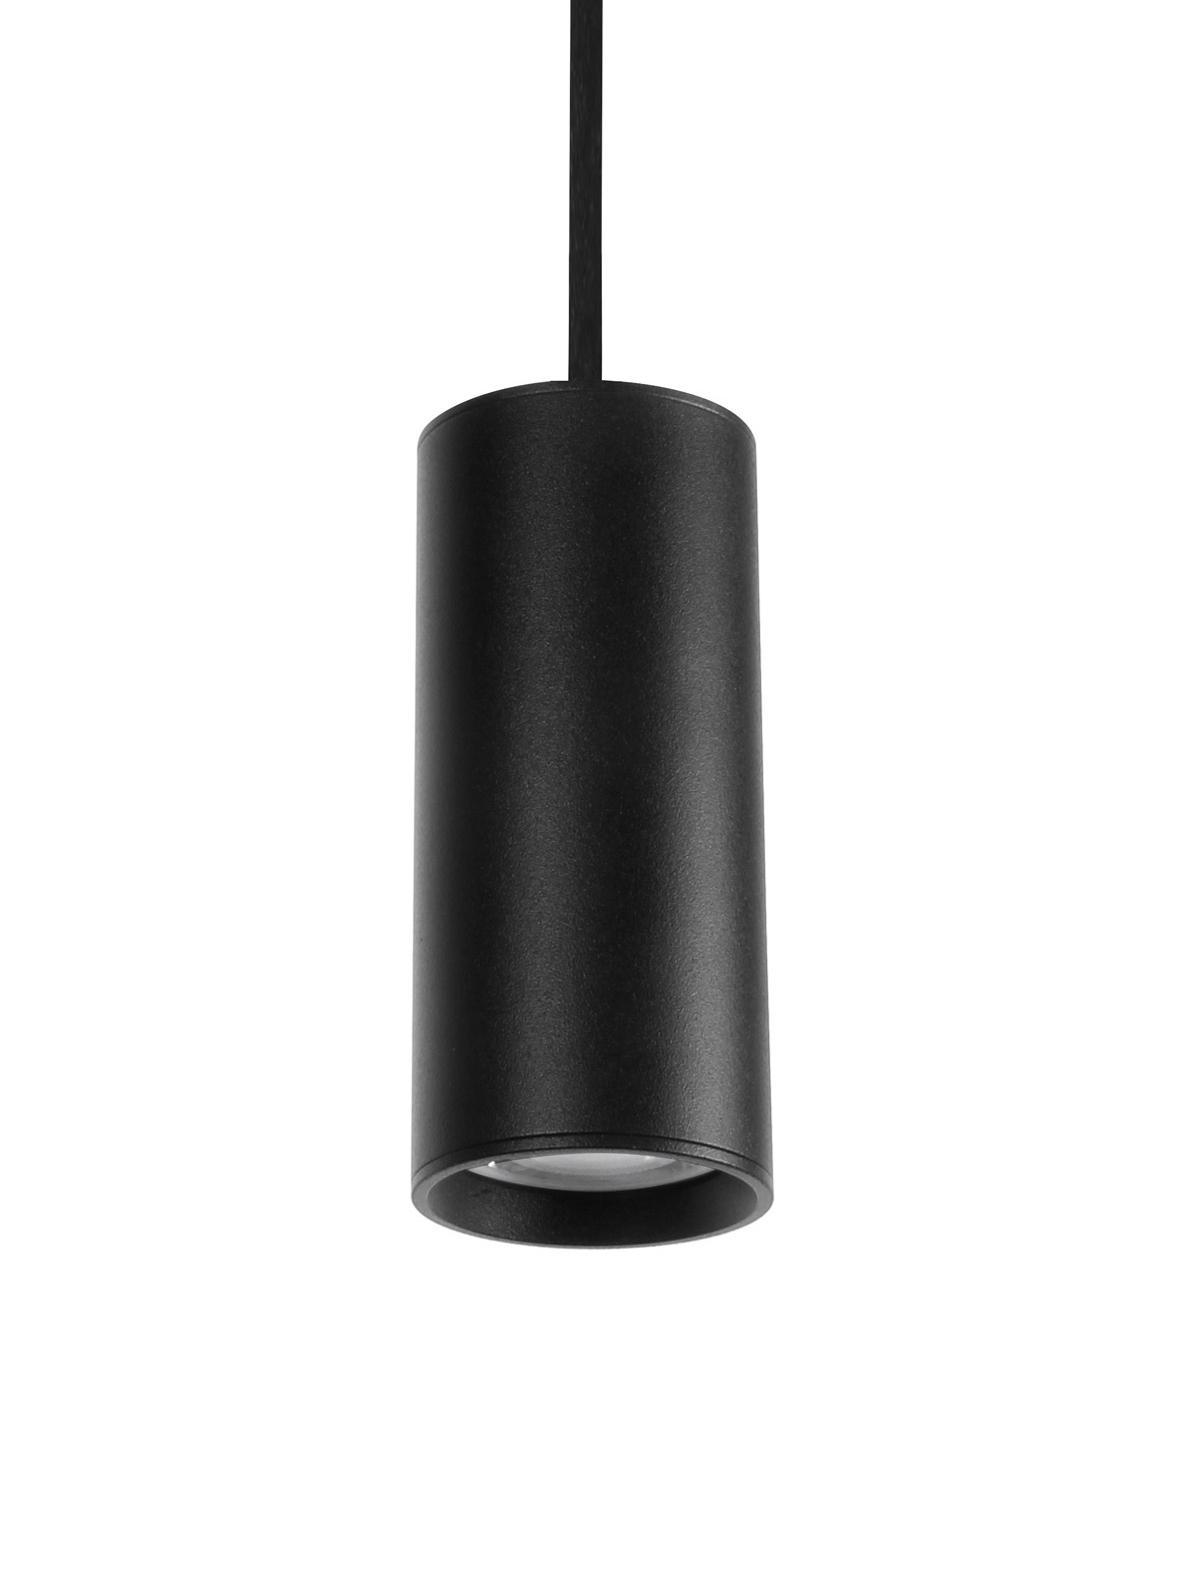 Mała lampa wisząca Aila, Czarny, Ø 6 x W 120 cm